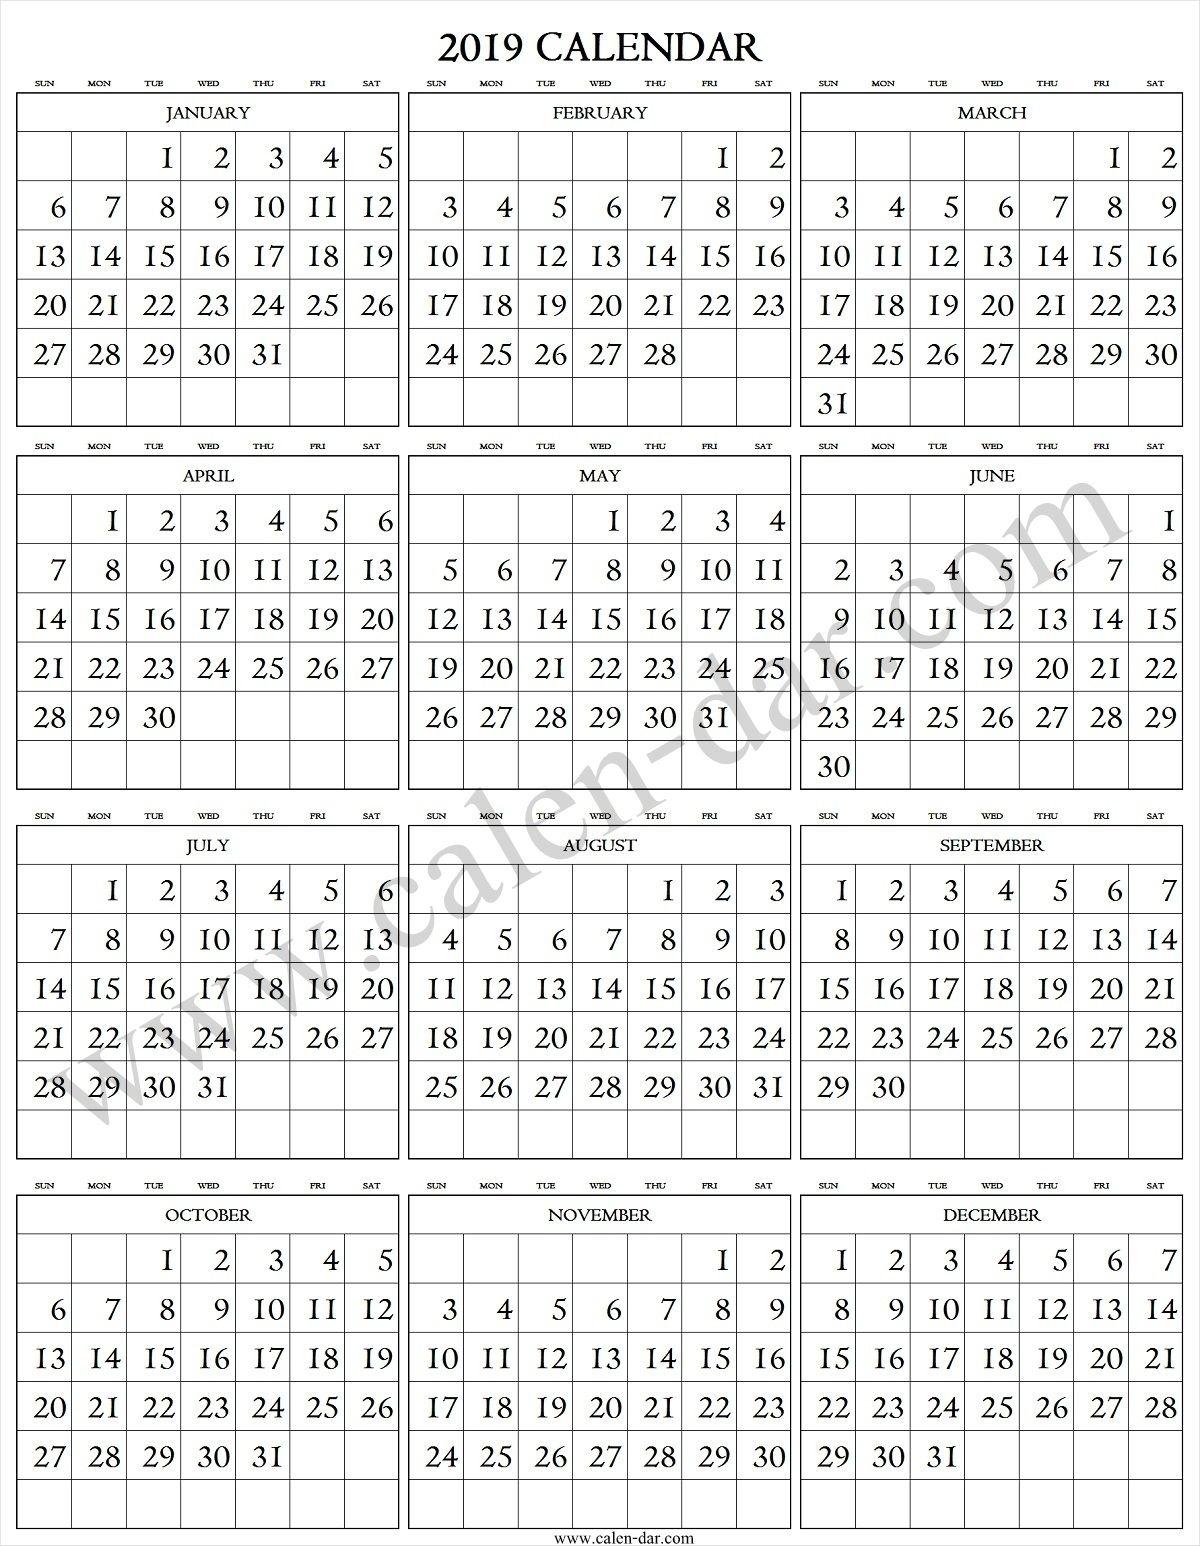 2019 Calendar Large Numbers | Large Printable Numbers